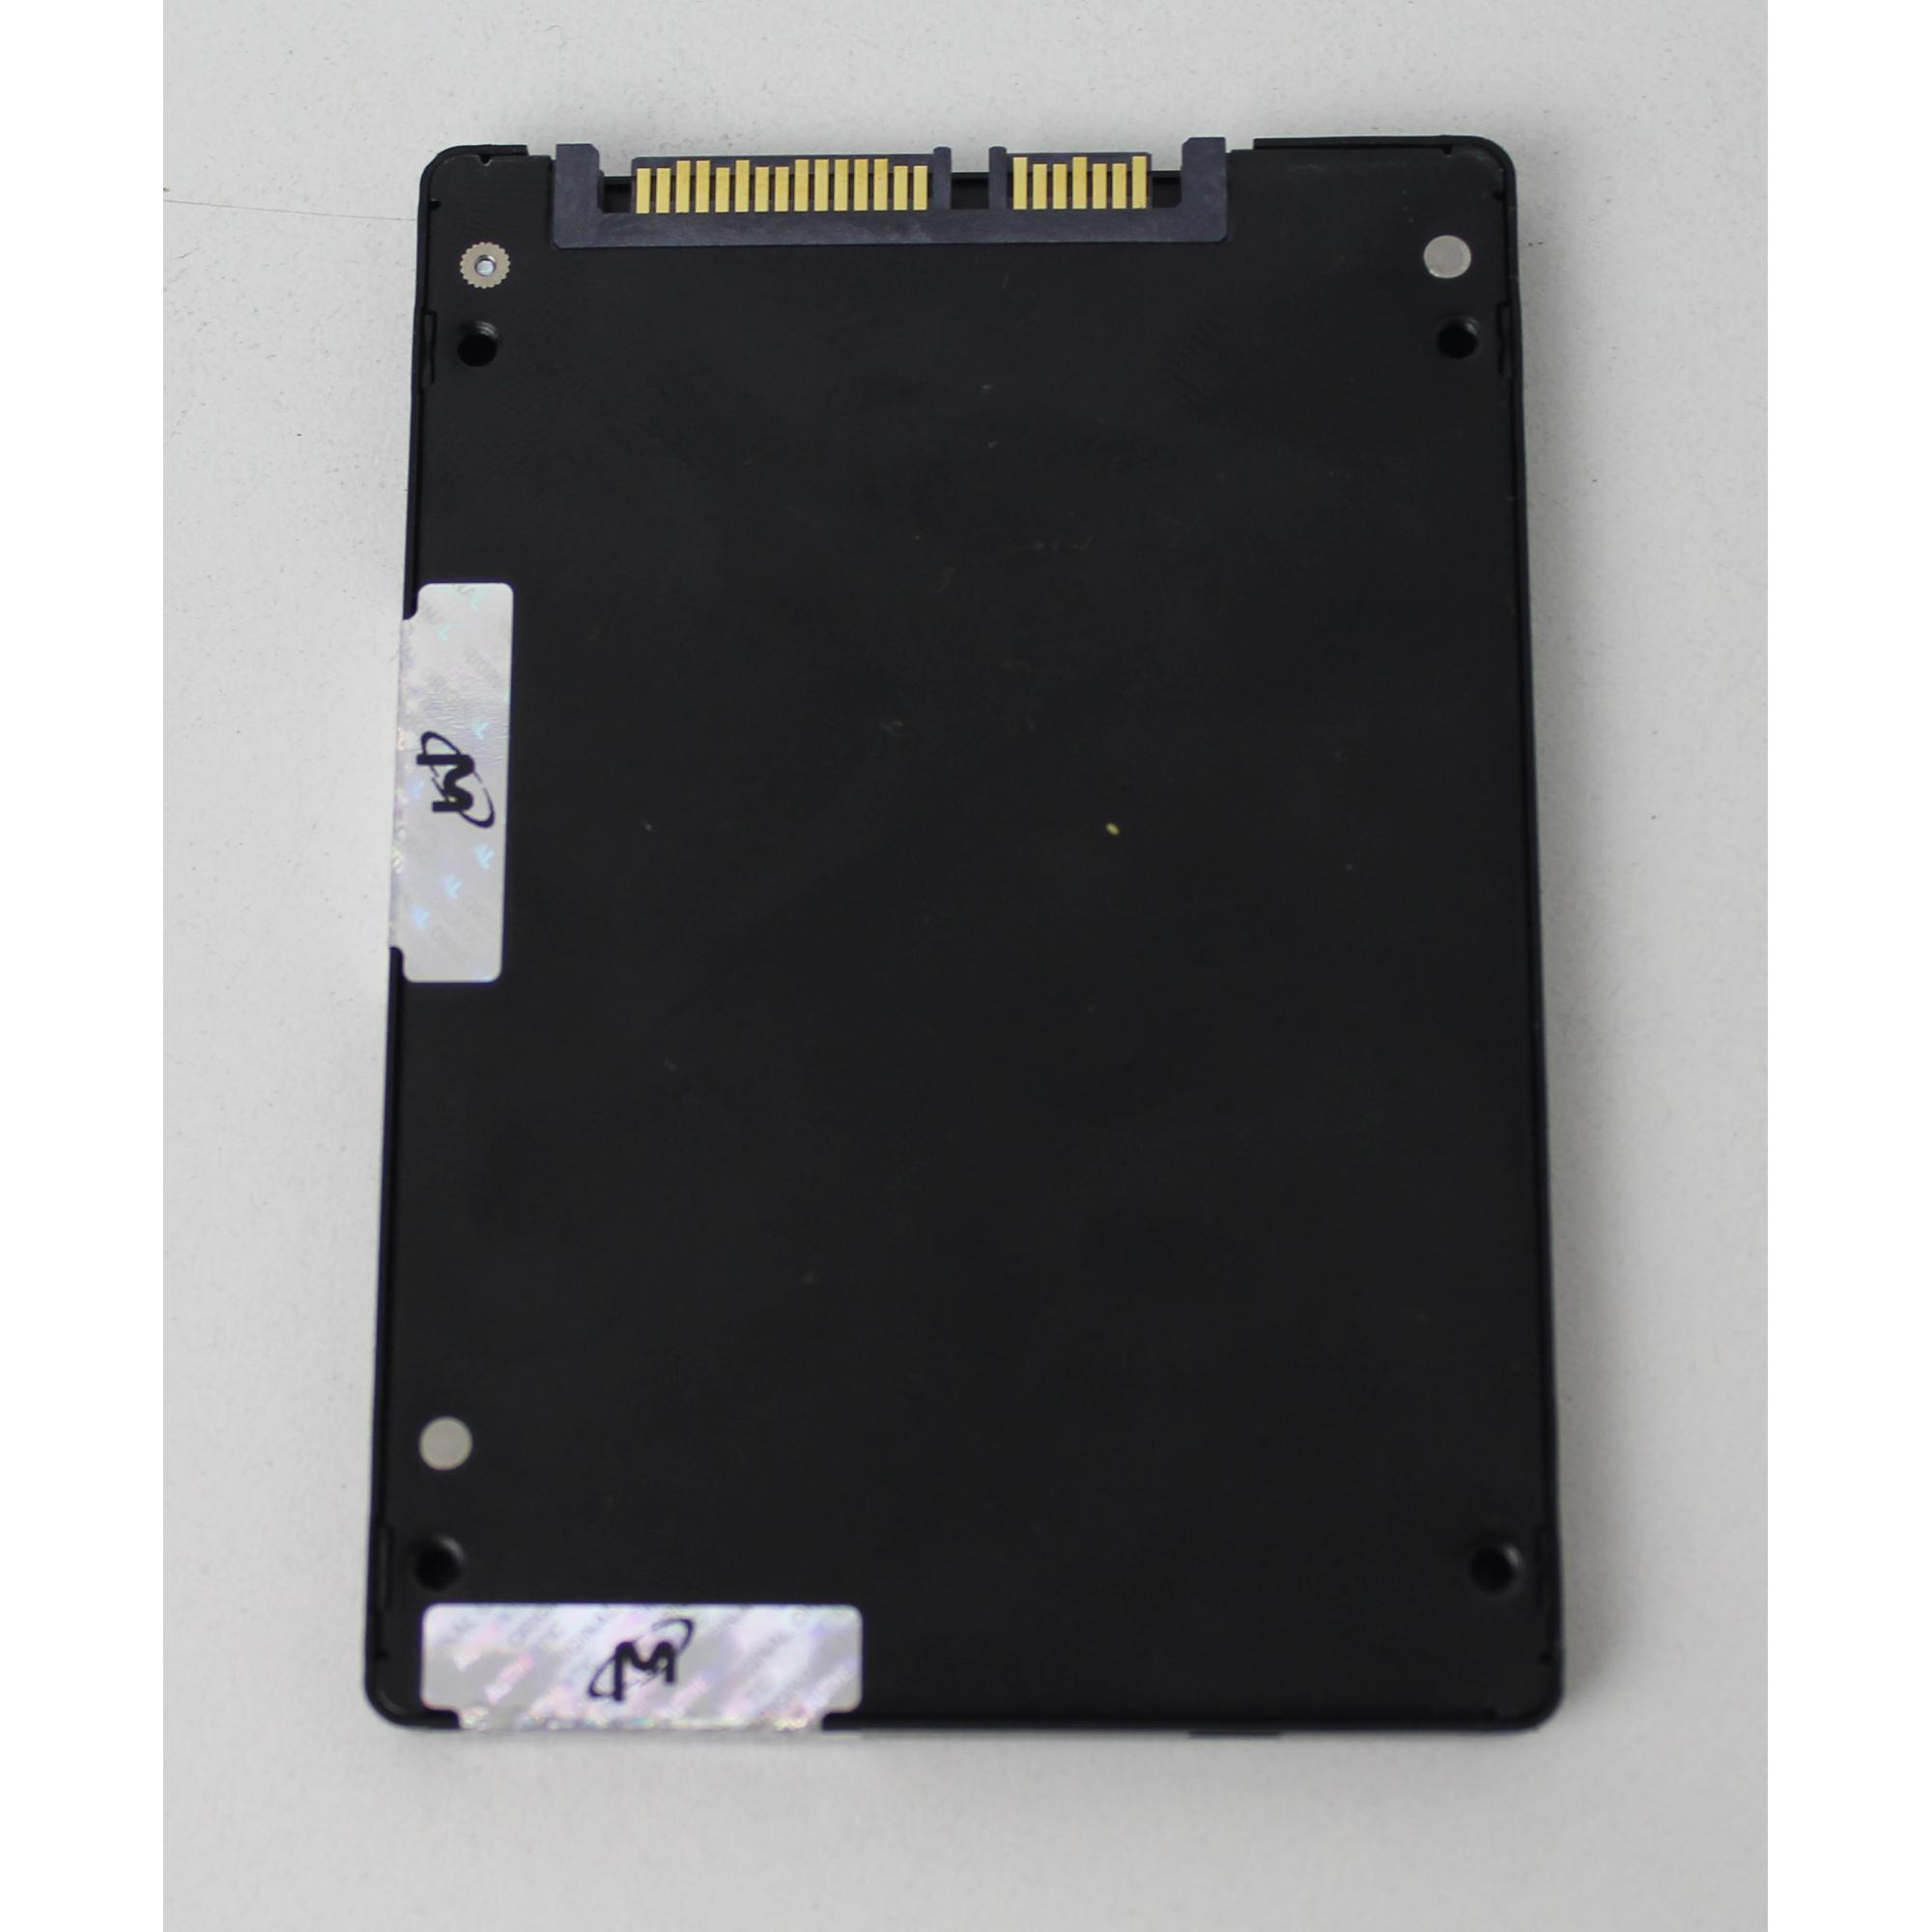 HD SSD DELL 960GB PARA SERVIDORES - MTFDDAK960TDT